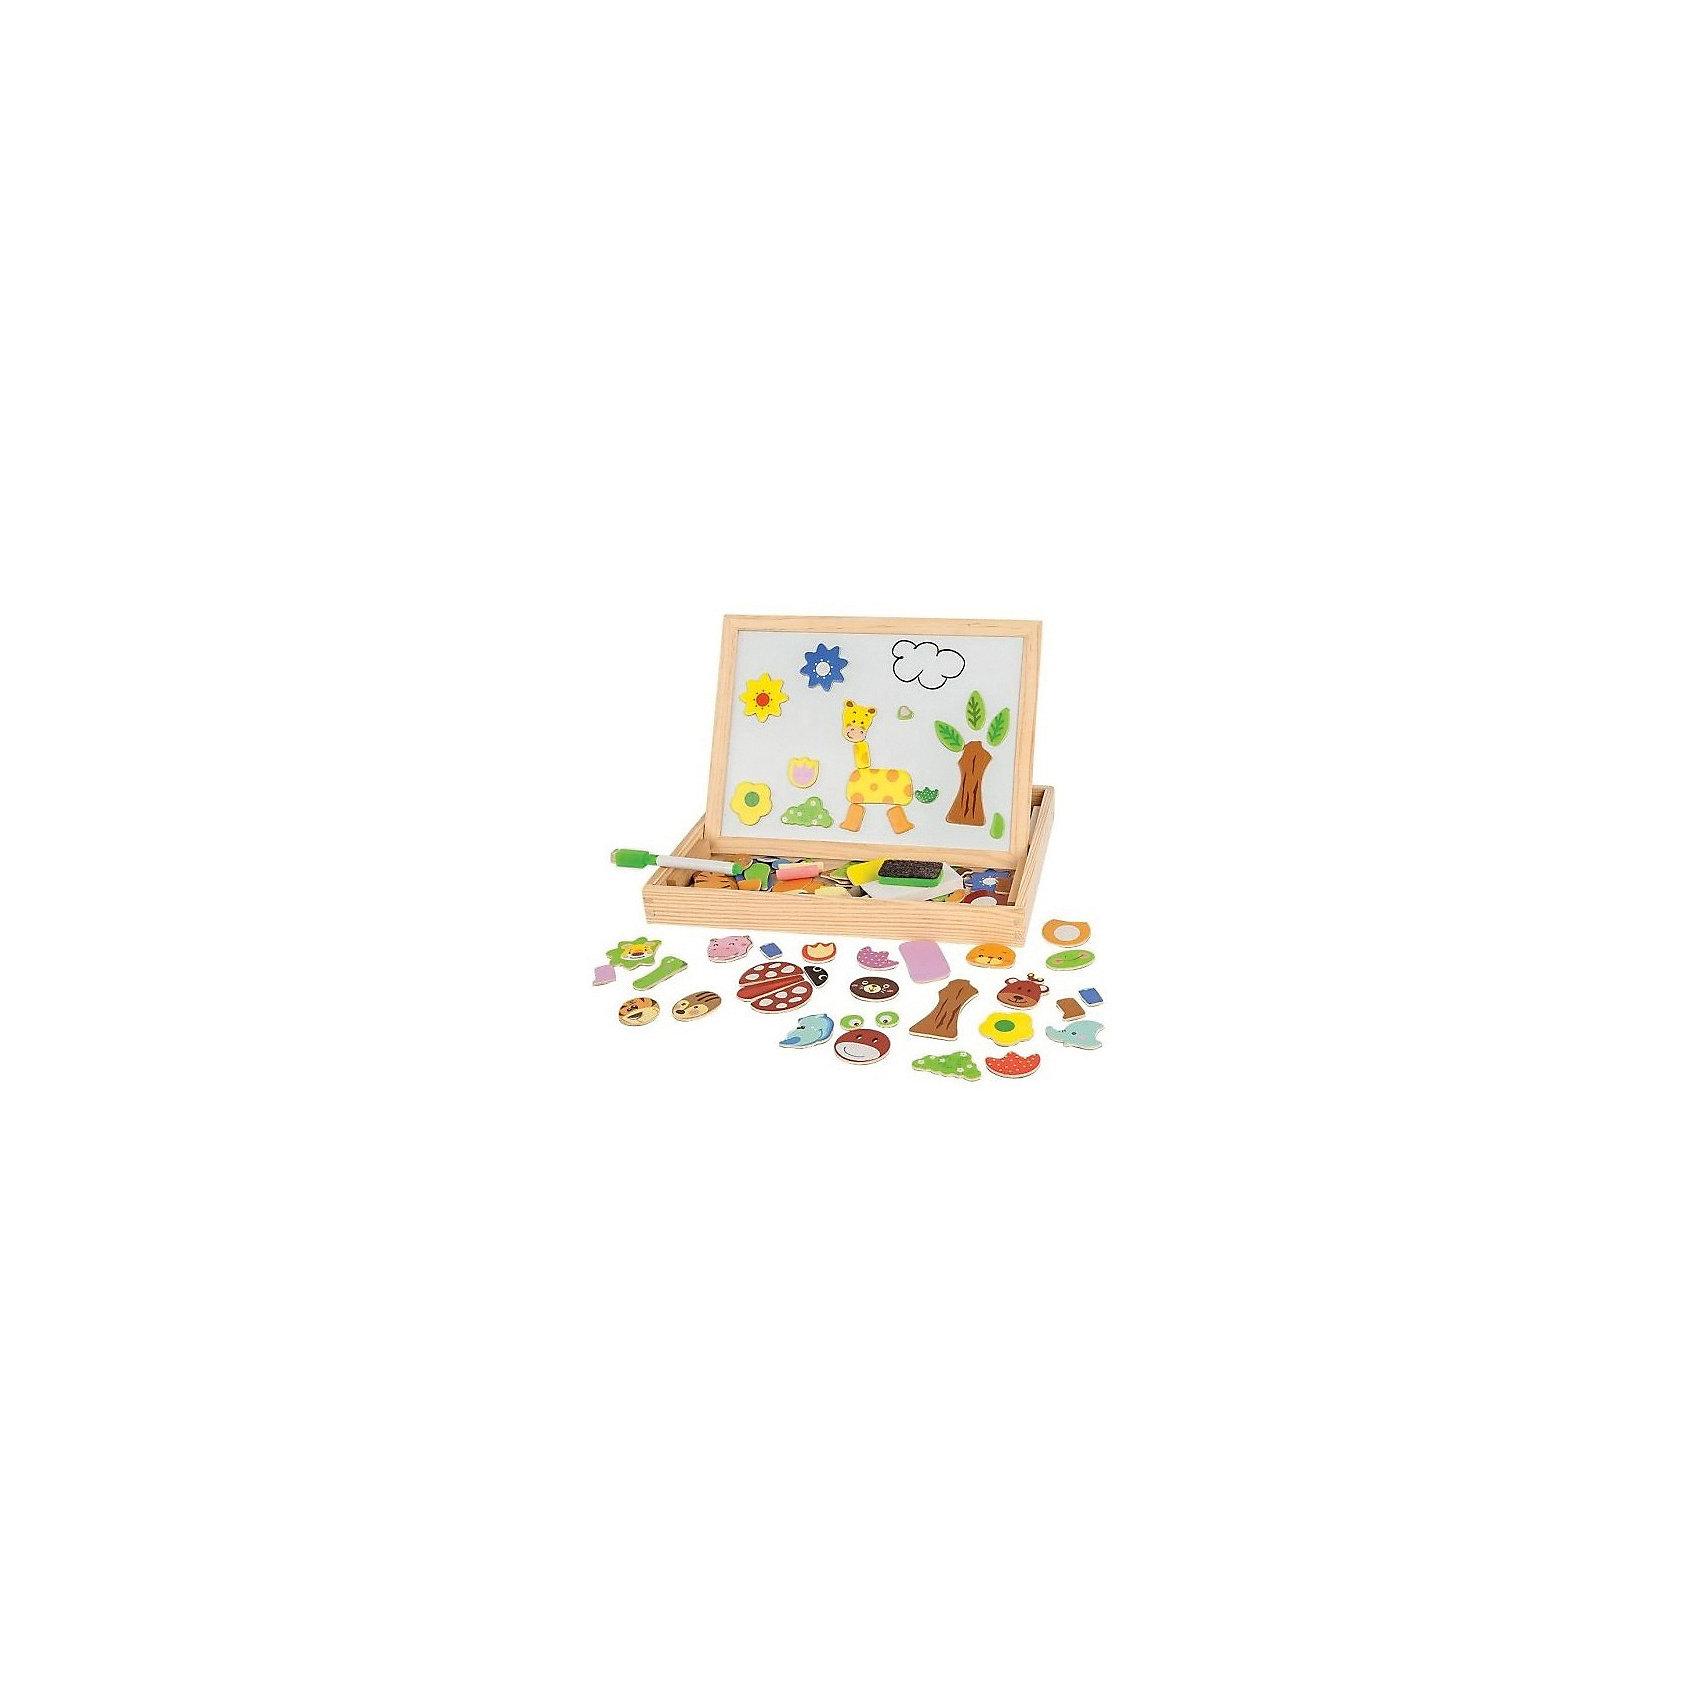 Чудо-чемоданчик Зоопарк, MapachaРазвивающие игрушки<br>Чудо-чемоданчик Зоопарк от популярного бренда развивающих детских товаров Mapacha (Мапача) развлечет вашего ребенка. В чемоданчик входит доска с магнитно-маркерной стороной и меловой стороной. Теперь нет предела для творчества, рисовать можно сколько угодно и как угодно. В набор входят также магниты из которых можно собирать зверей, можно придумать своих выбирая из представленных частей, маркер для белой доски, мелки и губка. С этим набором можно придумать много интересных игр, таких как игра в зоопарк. Чемоданчик и рама доски изготовлены из дерева. С помощью этого чемоданчика малыш сможет развить логику, разработать моторику рук, внимание и воображение.<br><br>Дополнительная информация:<br><br>- В комплект входит: 1 чемоданчик, 1 доска<br>- Материал: дерево, пластик<br>- Размер: 36 * 66 *51 см<br><br>Чудо-чемоданчик  Зоопарк , Mapacha (Мапача) можно купить в нашем интернет-магазине.<br><br>Подробнее:<br>• Для детей в возрасте: от 3 до 6 лет<br>• Номер товара: 4925605<br>Страна производитель: Китай<br><br>Ширина мм: 305<br>Глубина мм: 35<br>Высота мм: 235<br>Вес г: 3090<br>Возраст от месяцев: 24<br>Возраст до месяцев: 72<br>Пол: Унисекс<br>Возраст: Детский<br>SKU: 4925605